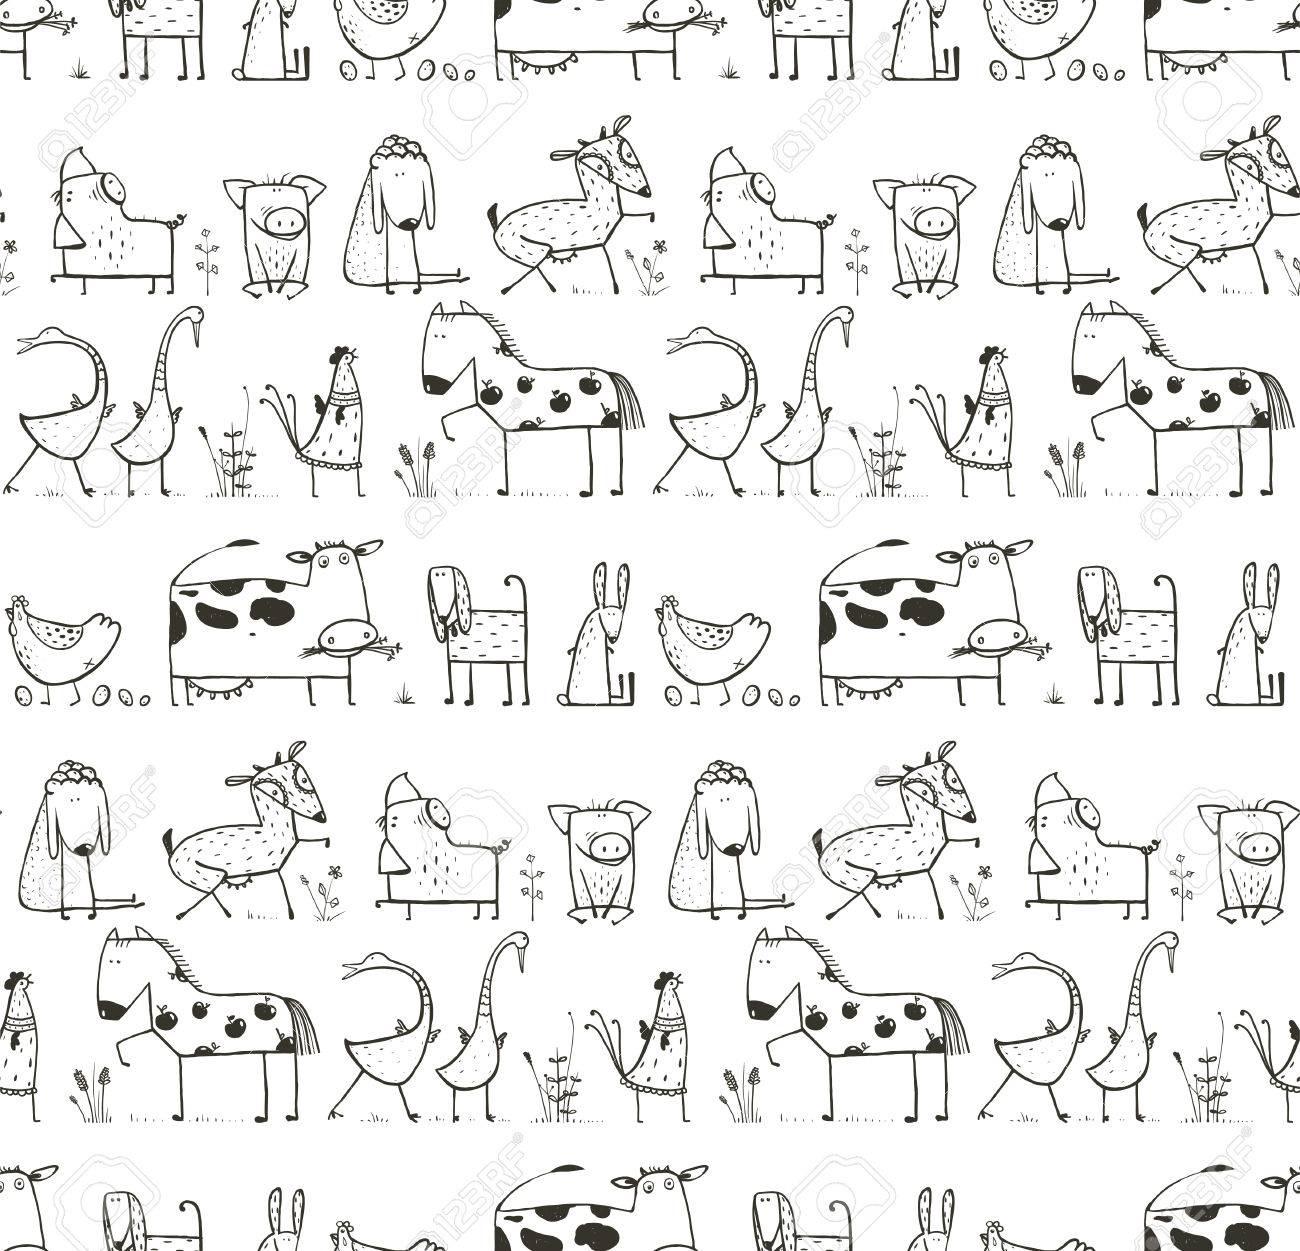 Lustige Cartoon-Bauernhof Nutztier oder Haustier nahtlose Muster für Kinder  Malvorlagen